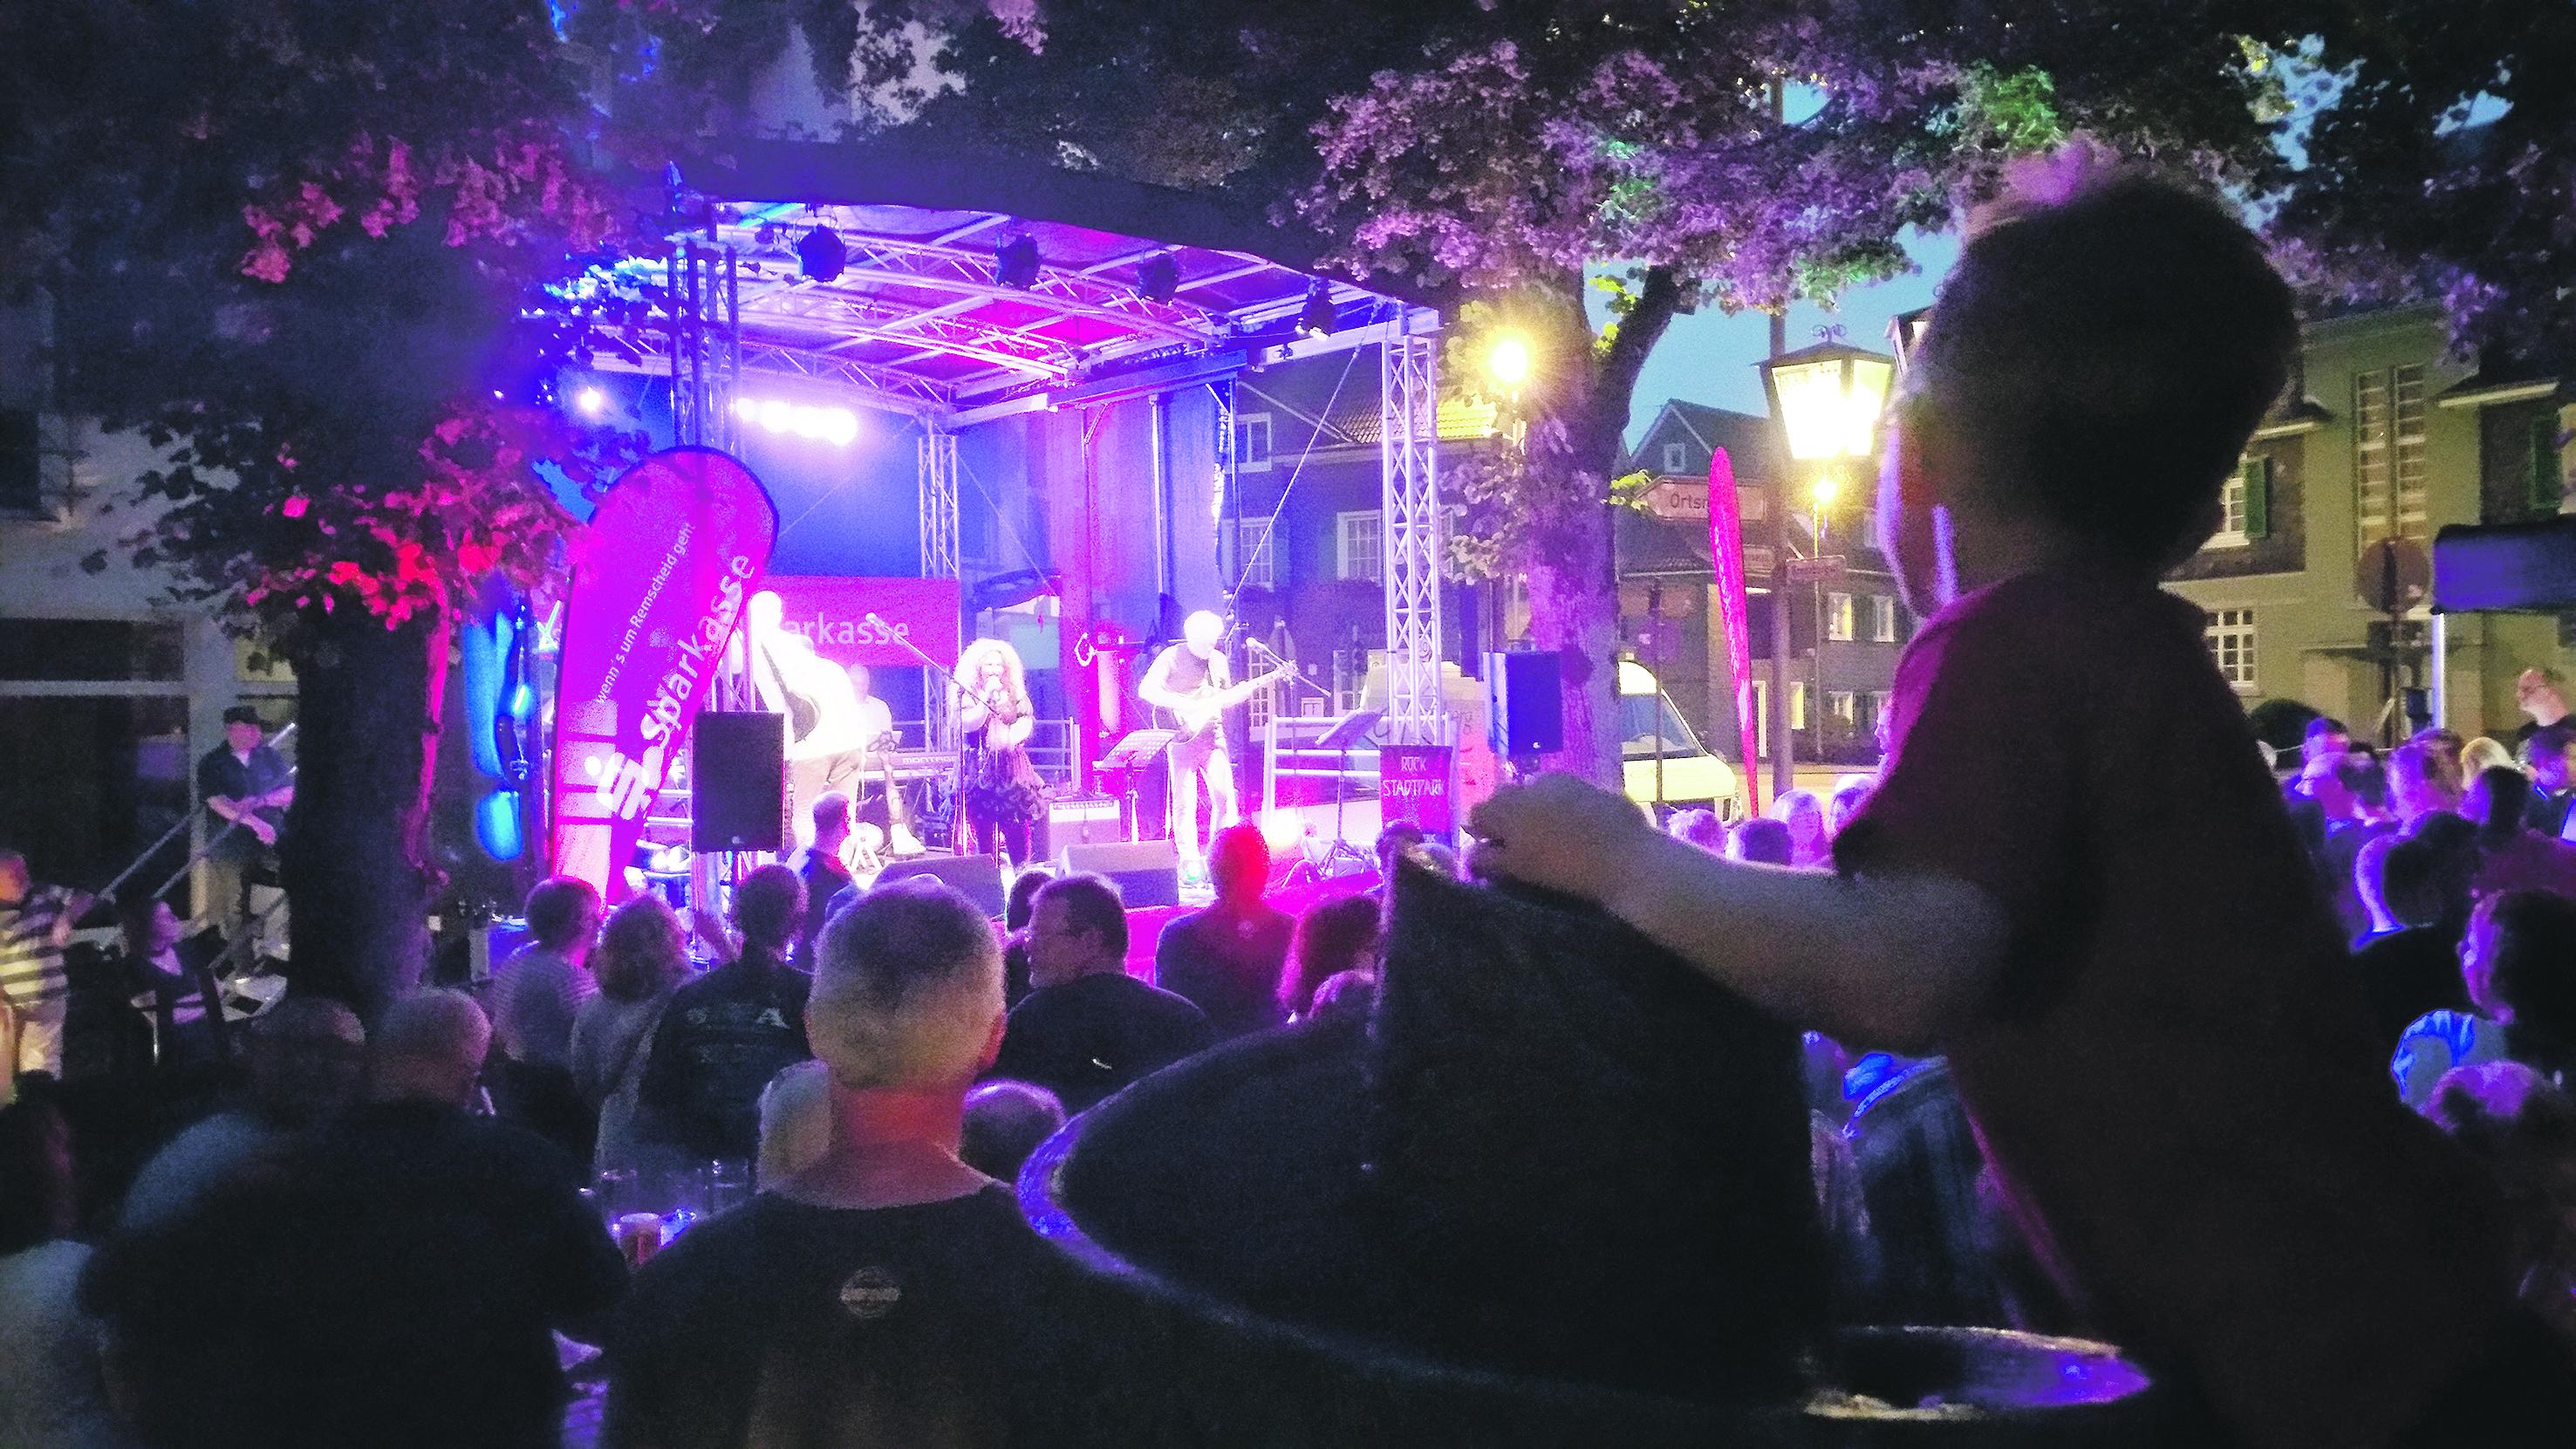 Die Band Fachwerk rockte beim Jubiläums-Brunnenfest zum 15. Geburtstag des Marketingrat Lüttringhausen. Foto: Sascha von Gerishem